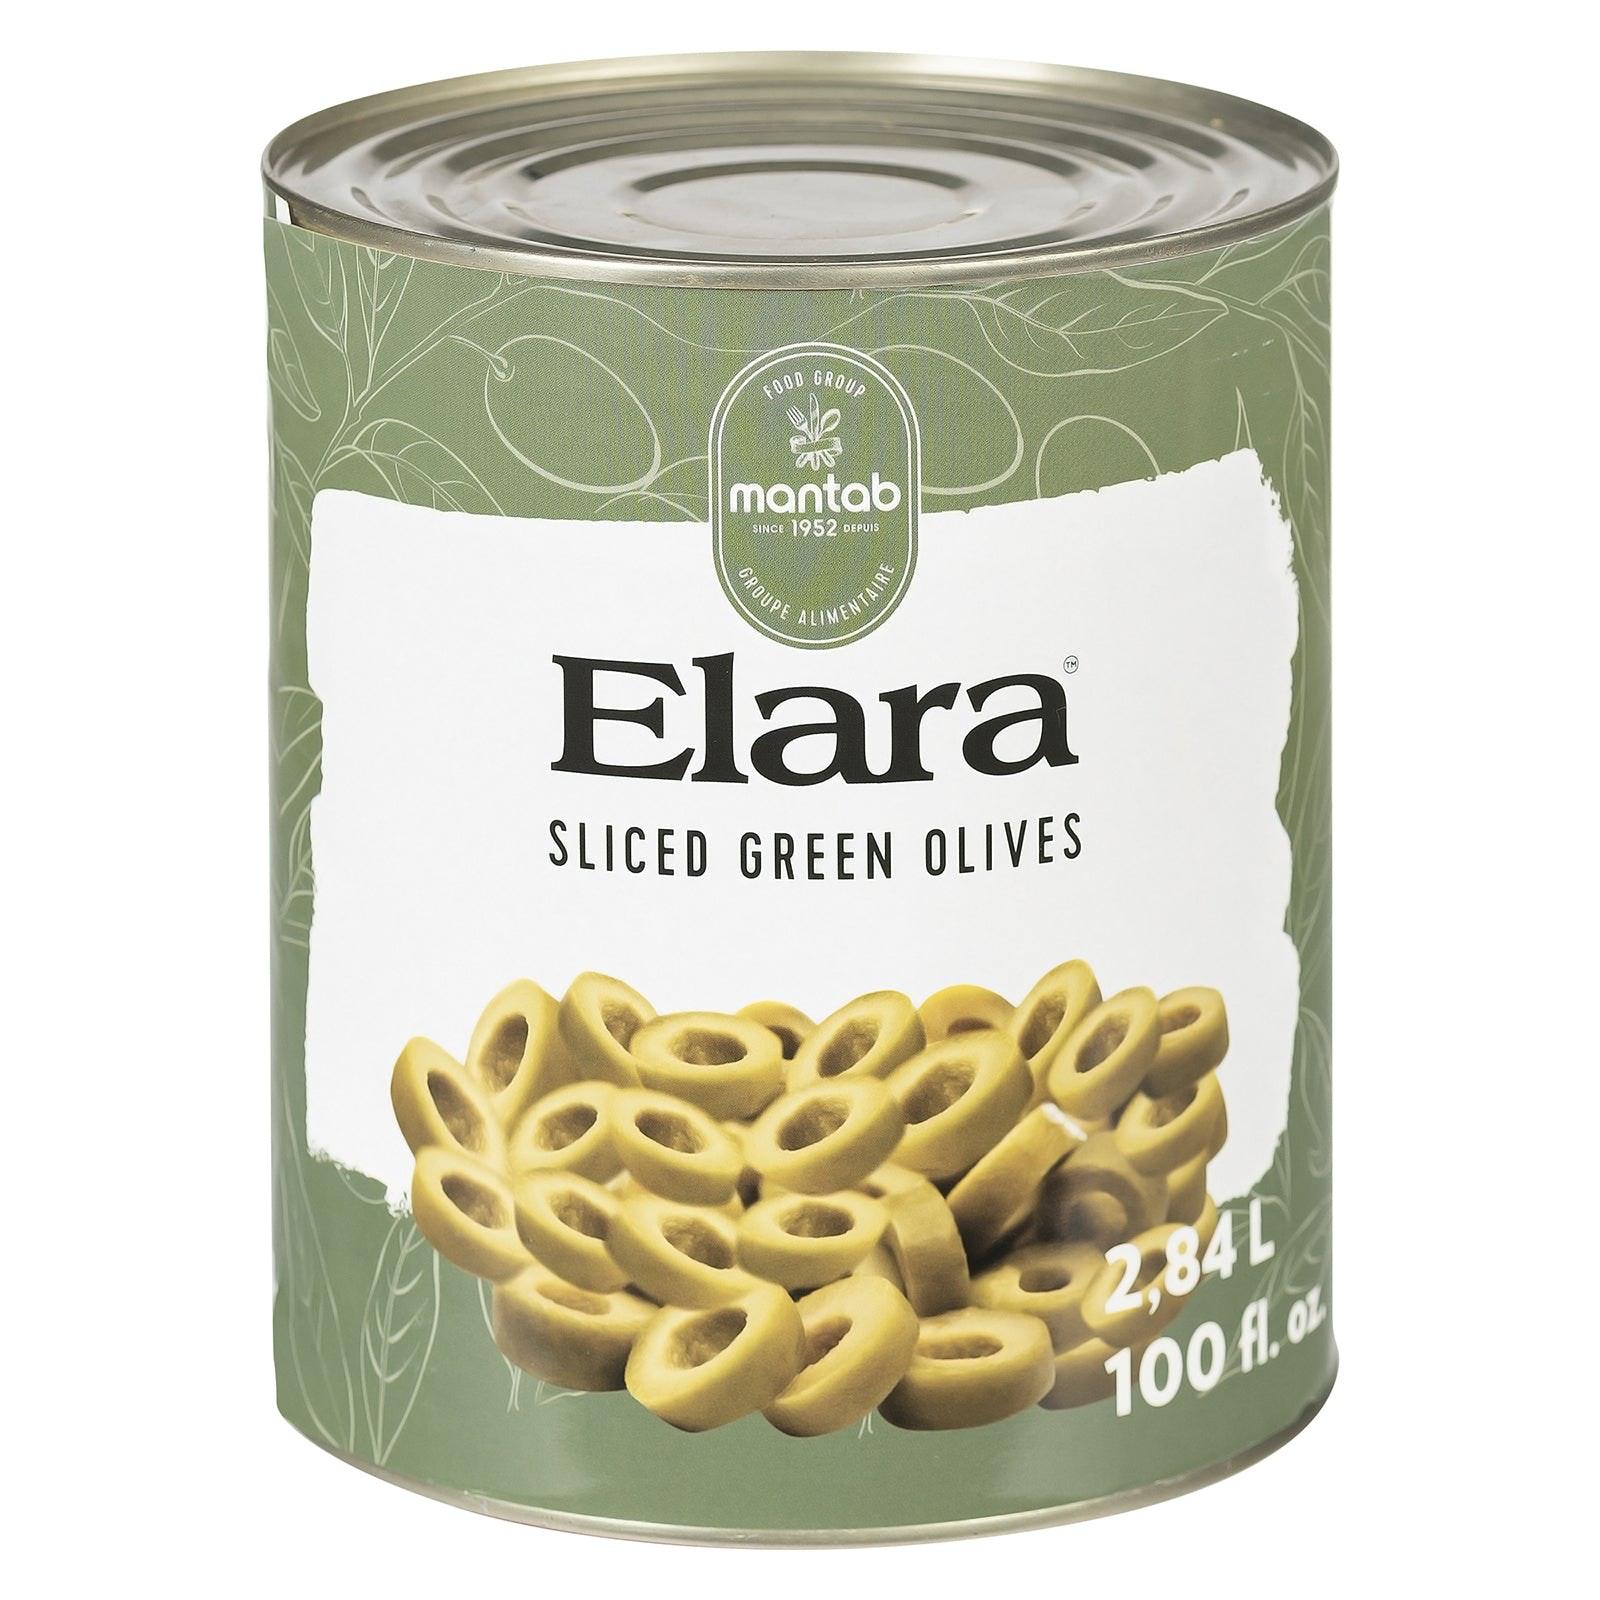 ELARA Sliced green olives